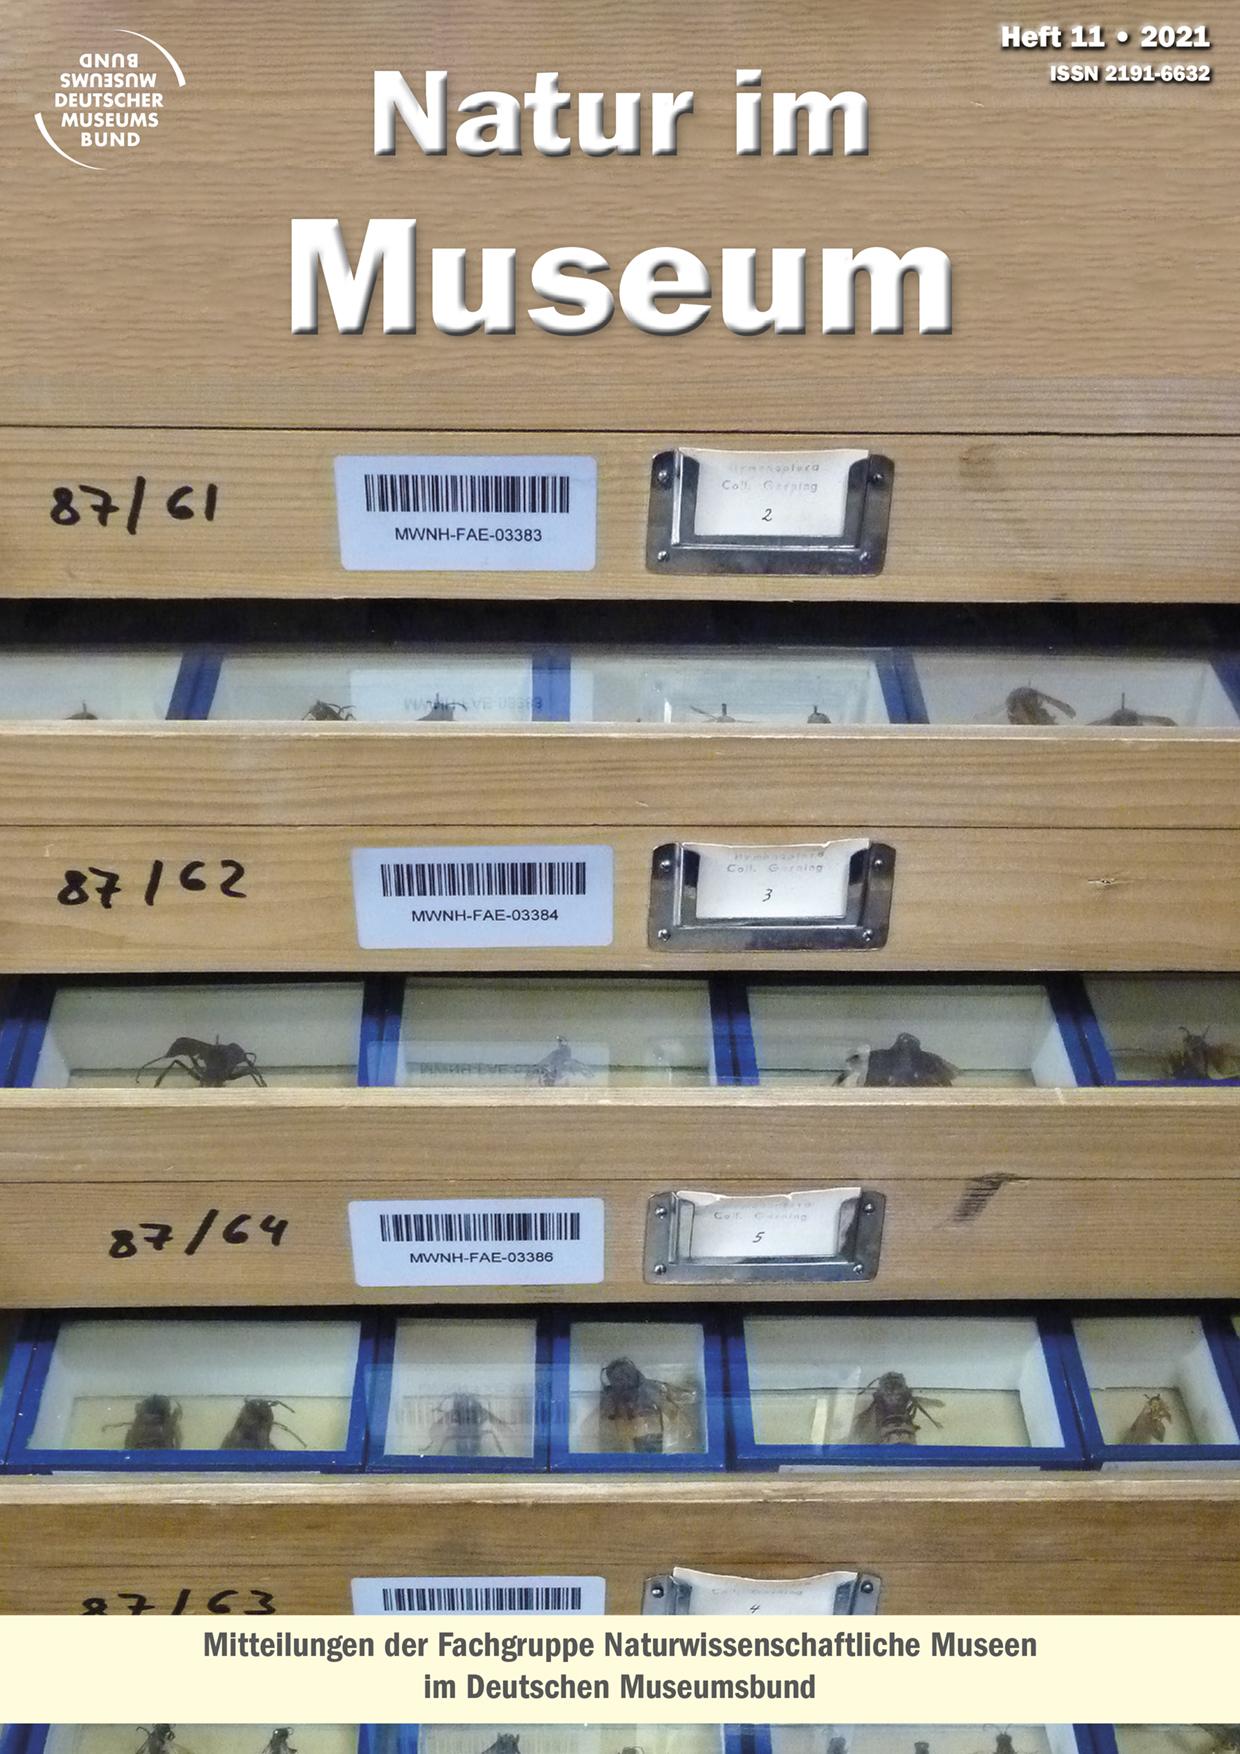 Titelbild Zeitschrift Natur im Museum Heft 11 2021, mehrere aufgezogene Schubladen mit Sammlungskästen von Insekten